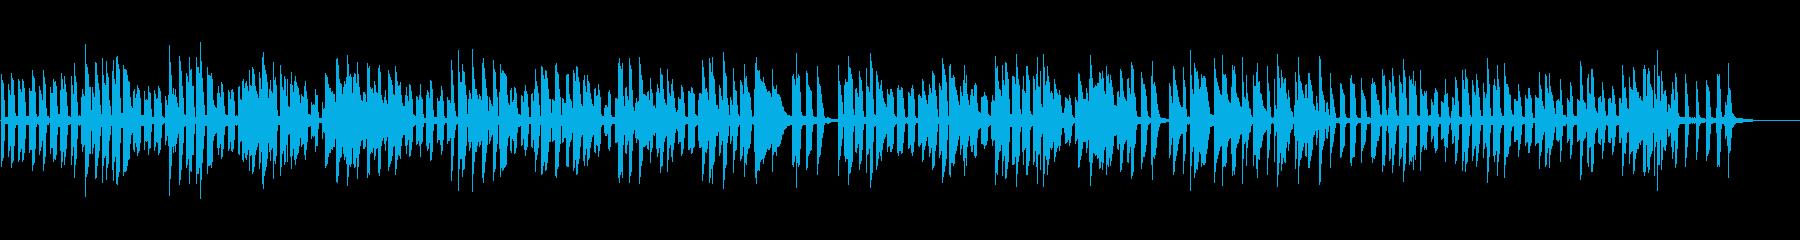 おしゃれかわいいピアノ料理YouTubeの再生済みの波形